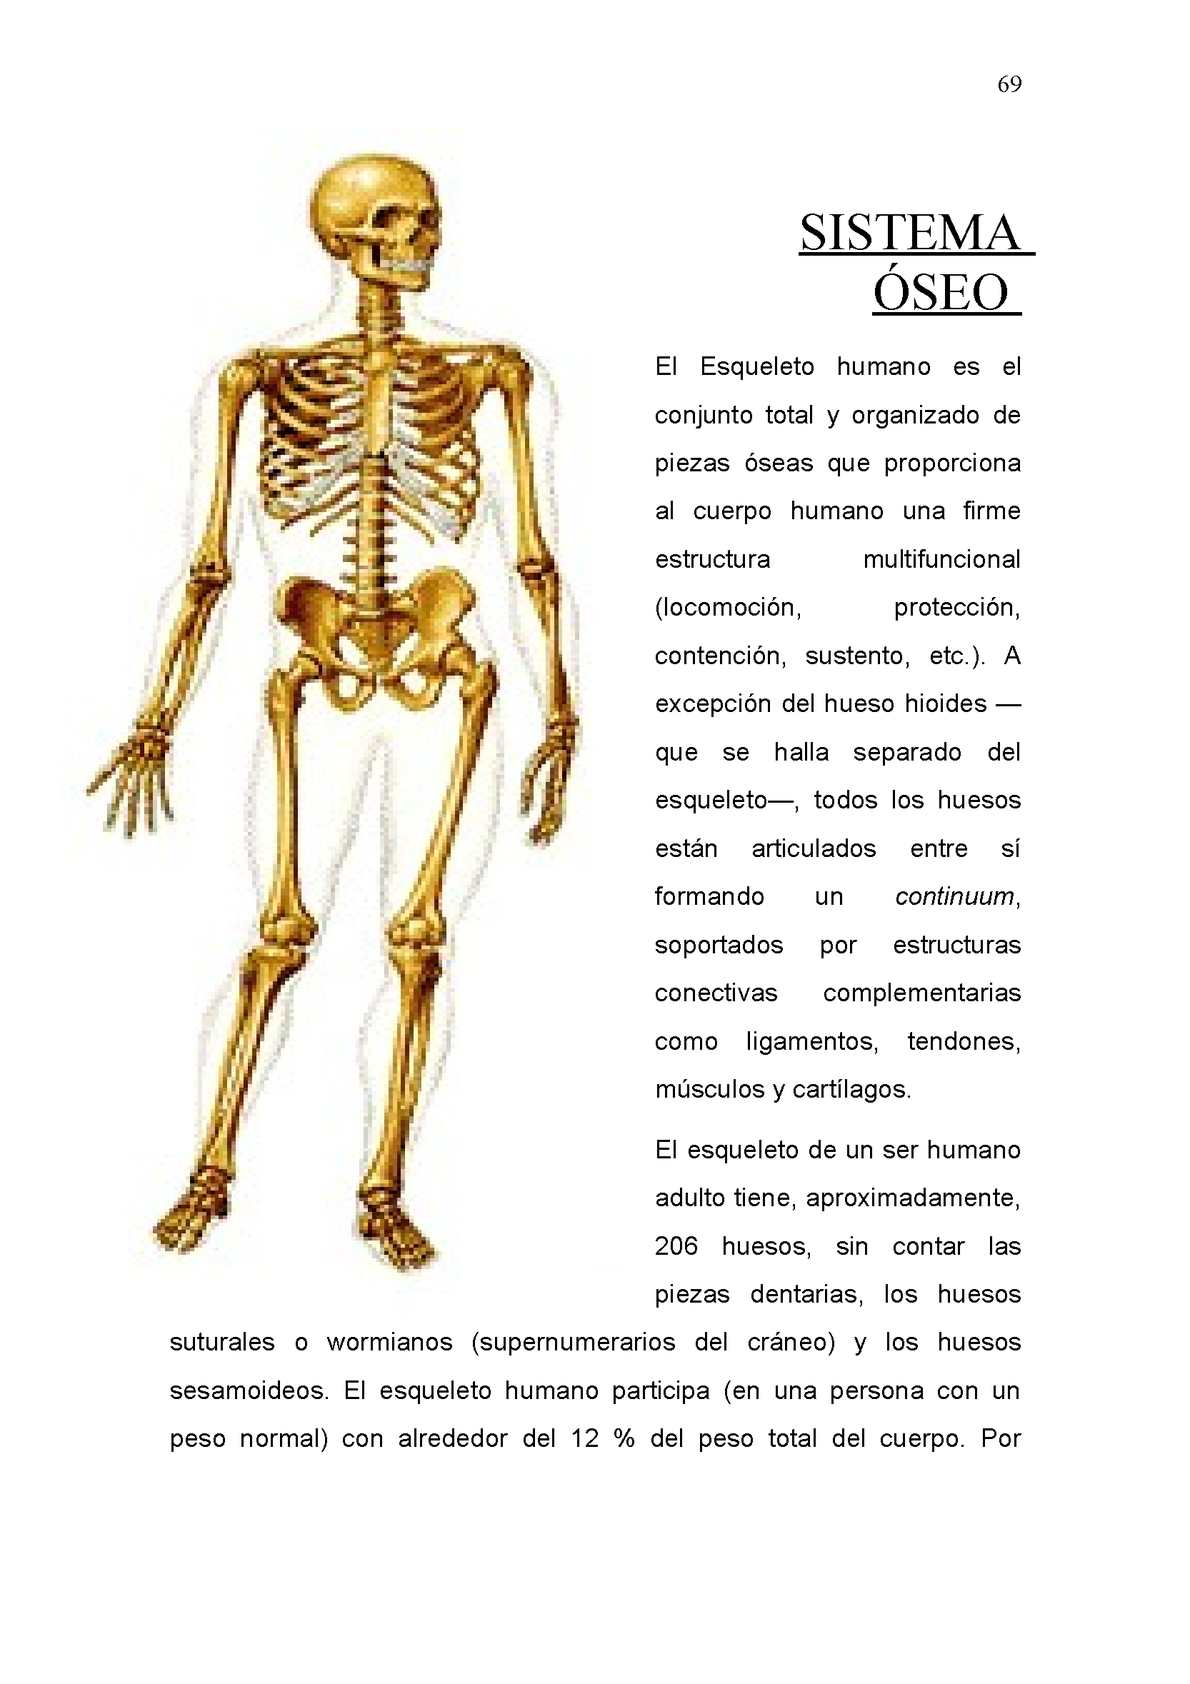 Album Sistemas Del Cuerpo Humano - CALAMEO Downloader